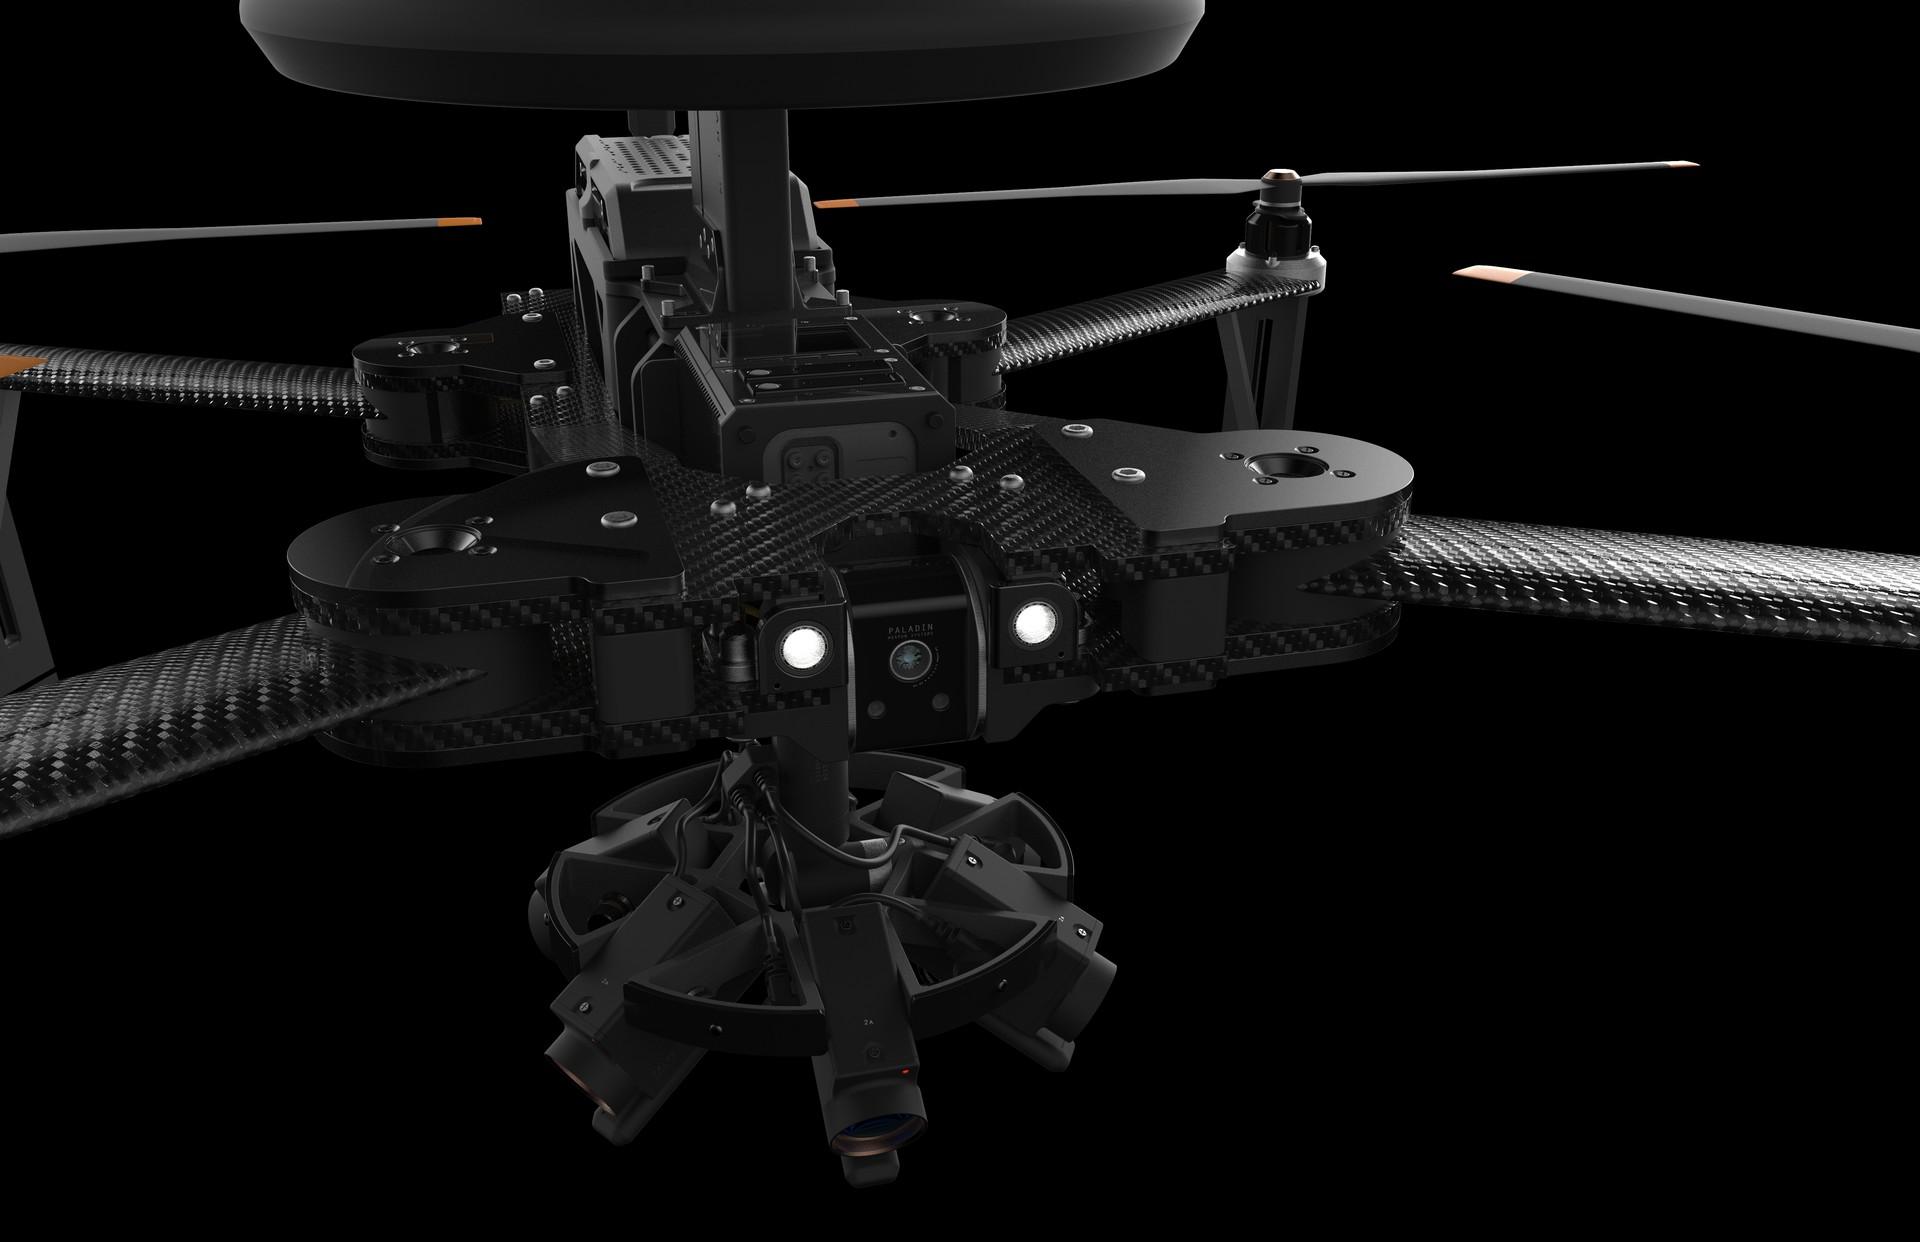 Jort van welbergen drone final render v1 51